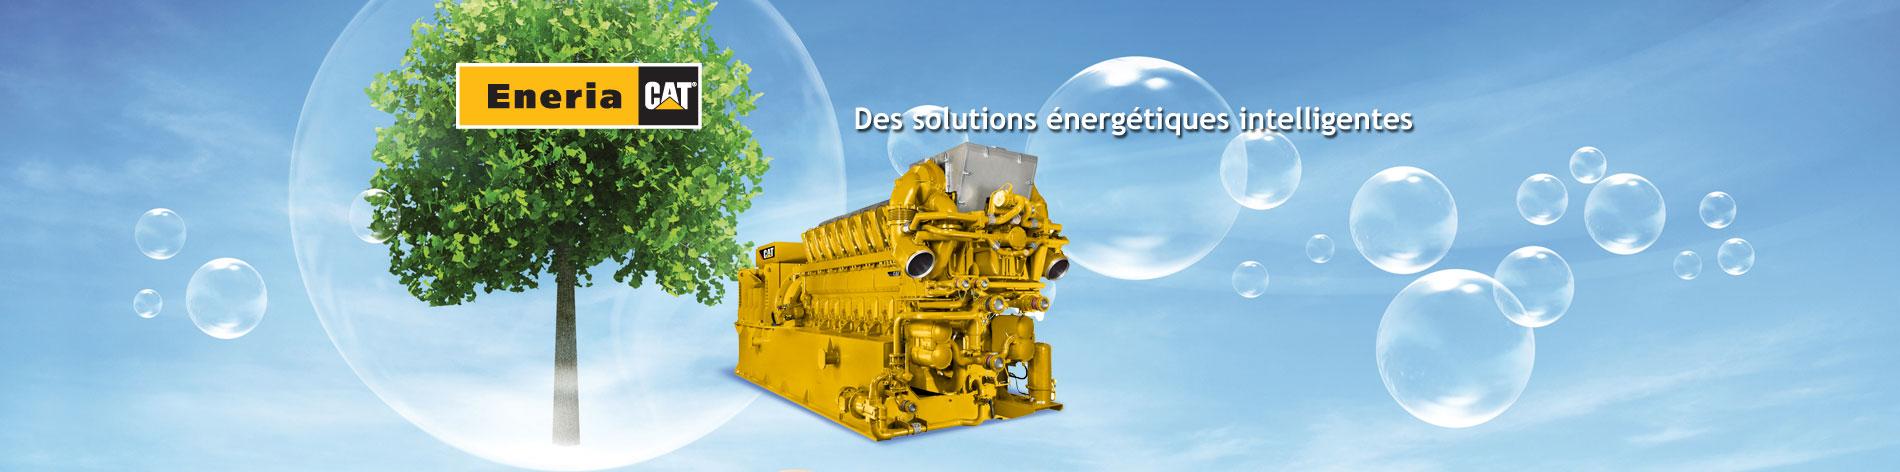 Gaz ou biogaz, de 130 à 4 300 kWe, nous distribuons et installons les groupes électrogènes Caterpillar répondant à vos besoins de chaleur, de froid ou d'électricité.